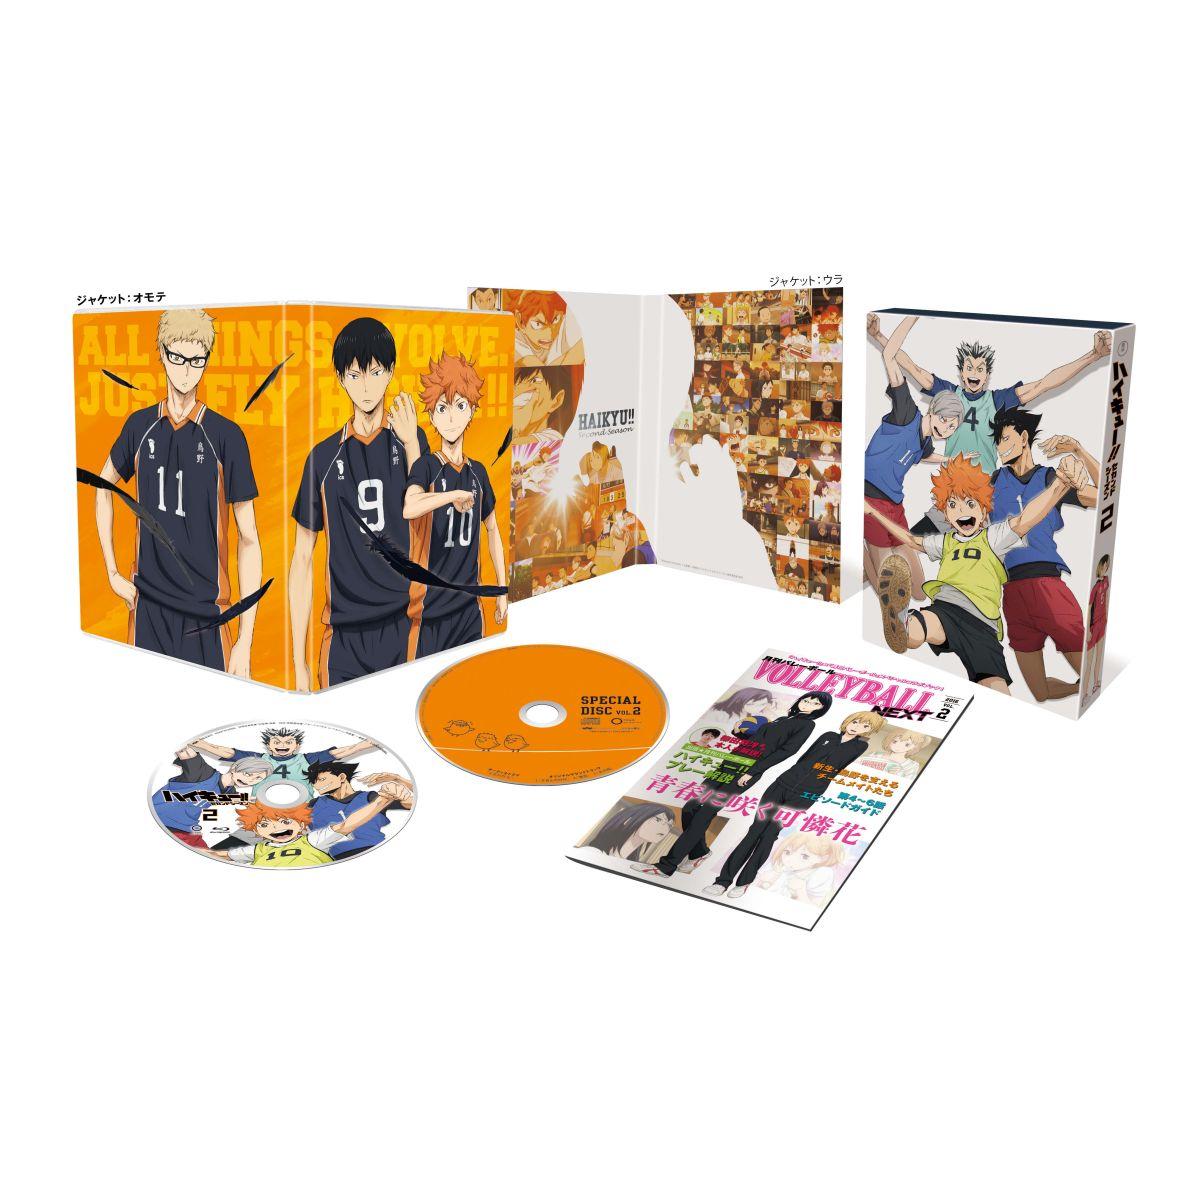 ハイキュー!! セカンドシーズン Vol.2 Blu-ray[TBR-25452D][Blu-ray/ブルーレイ] 製品画像